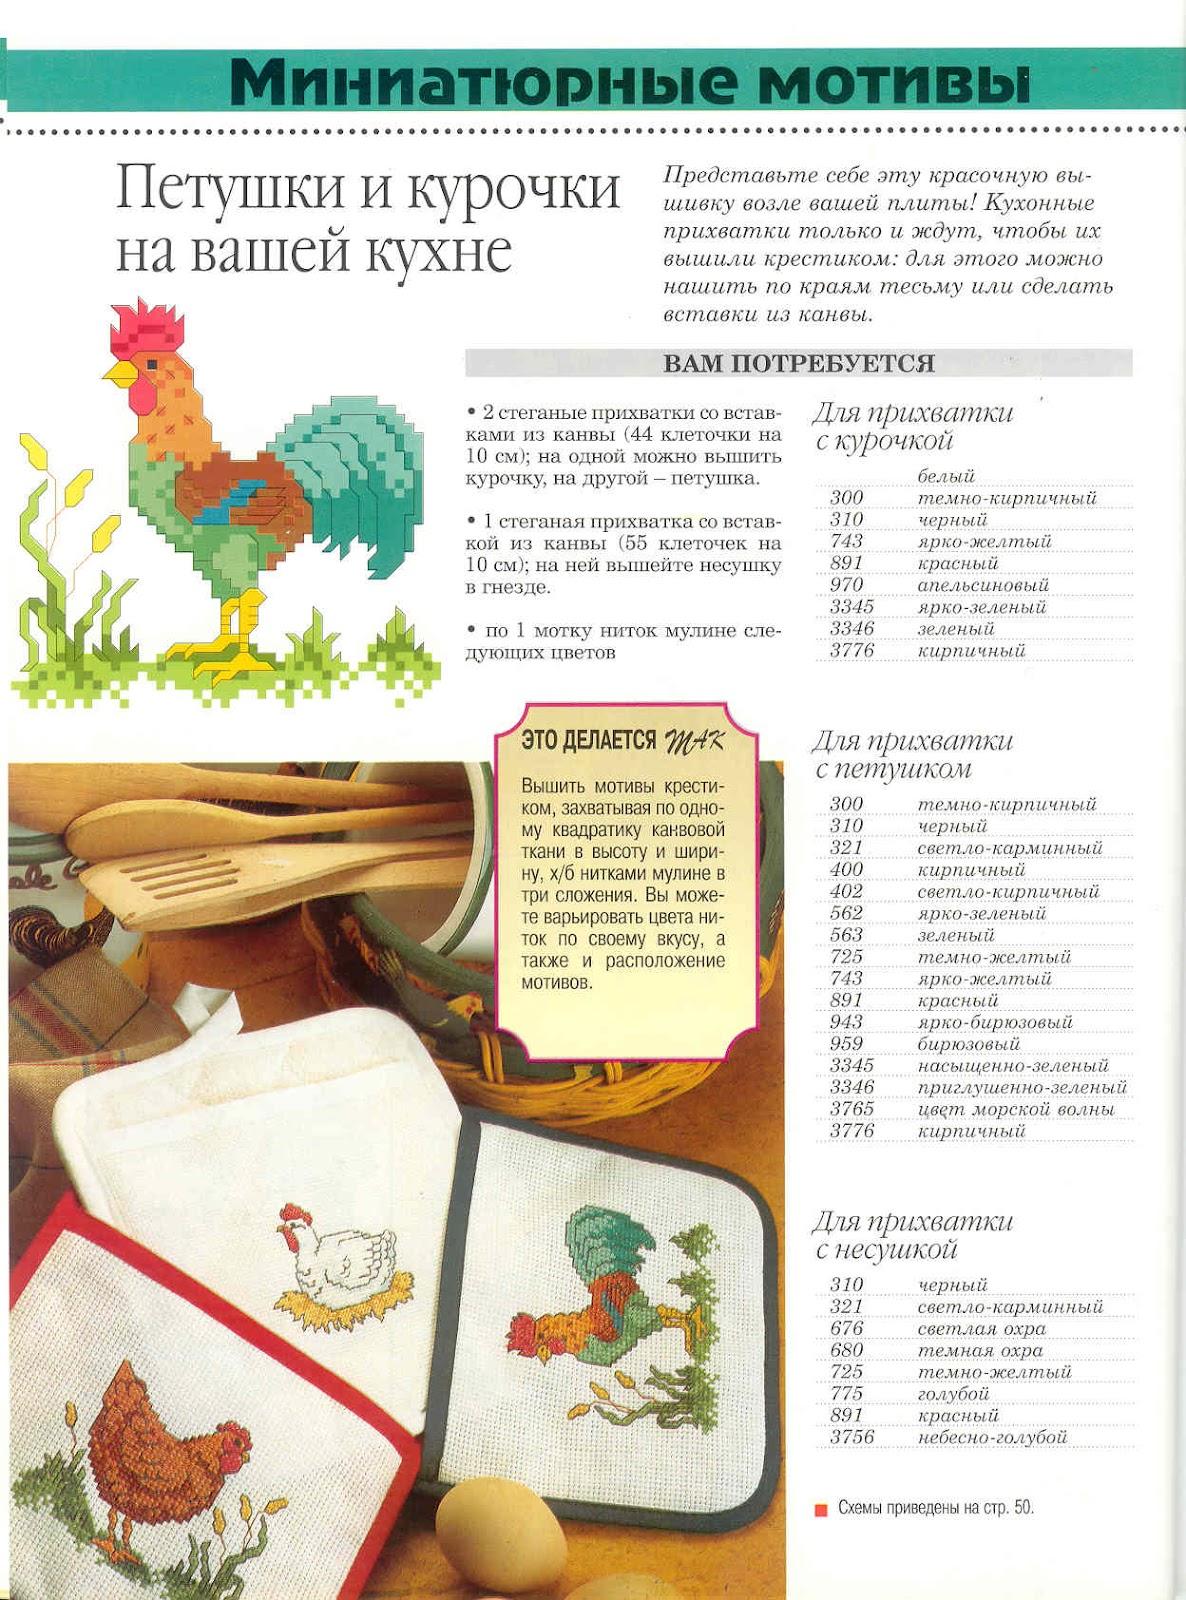 Вышивка крестом / Cross stitch : Вышитые крестиком курицы ...: http://nicecross.blogspot.com/2012/10/blog-post_6.html